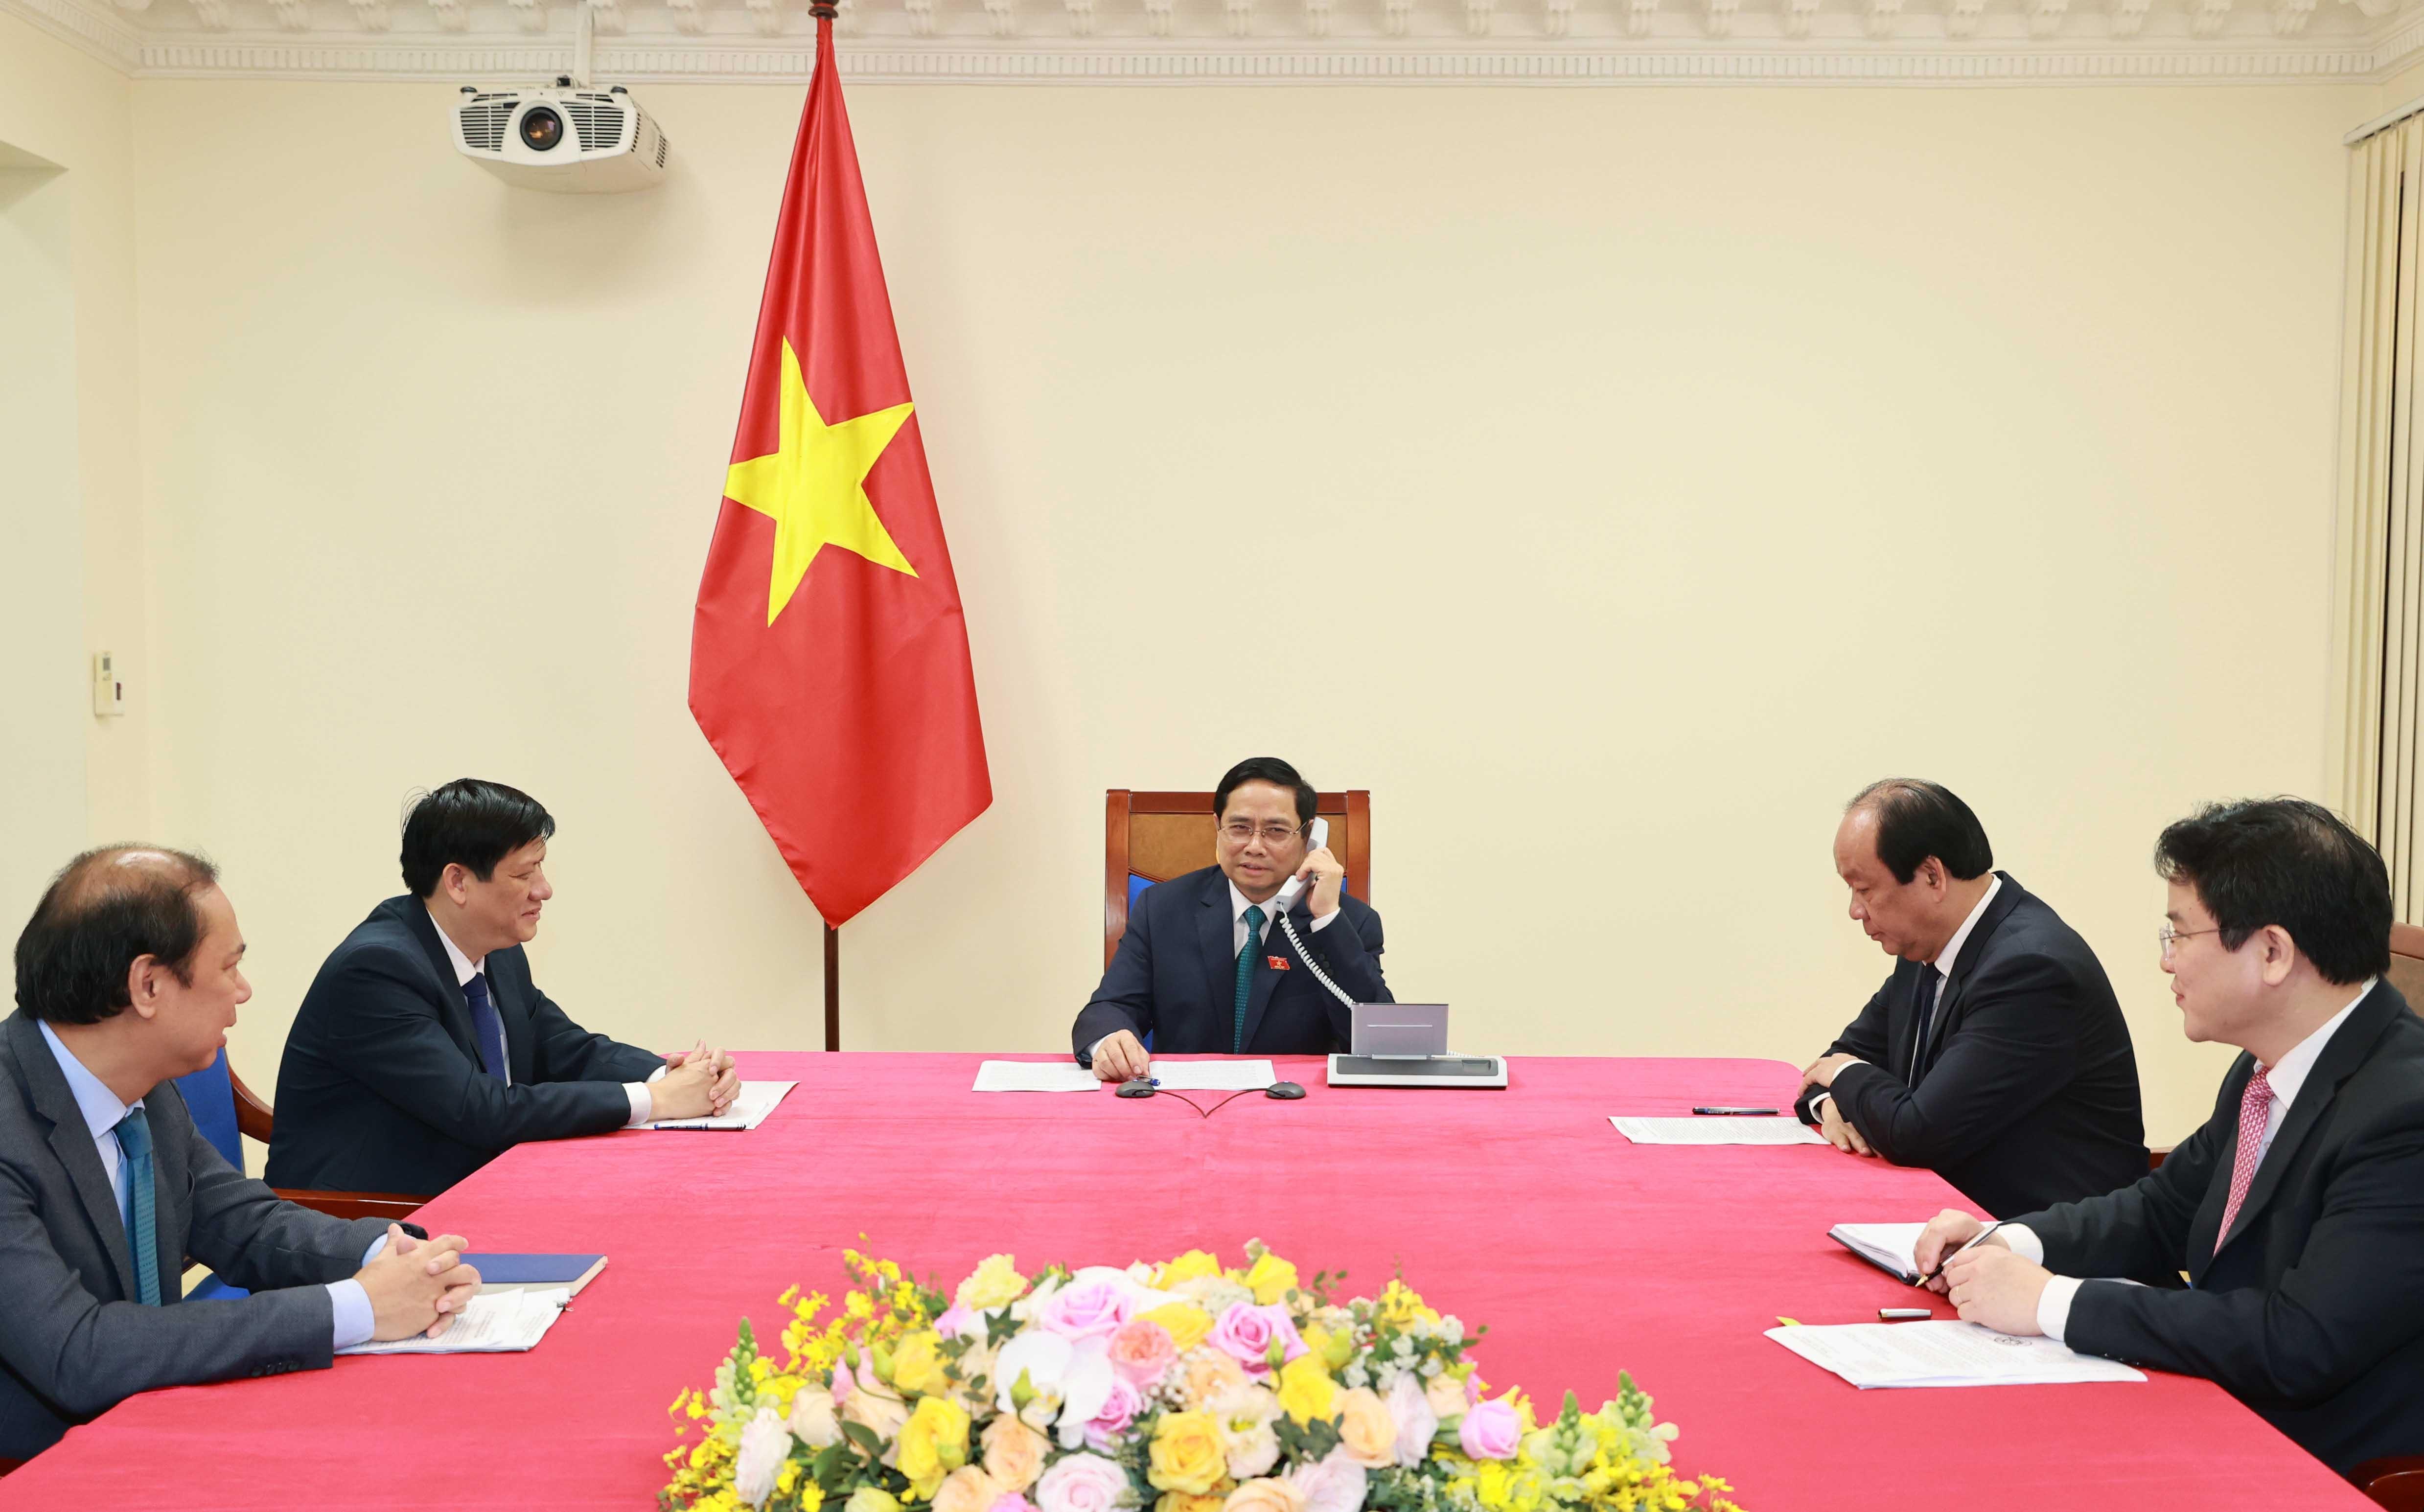 Thủ tướng Lào và Thủ tướng Campuchia điện đàm chúc mừng Thủ tướng Chính phủ Phạm Minh Chính